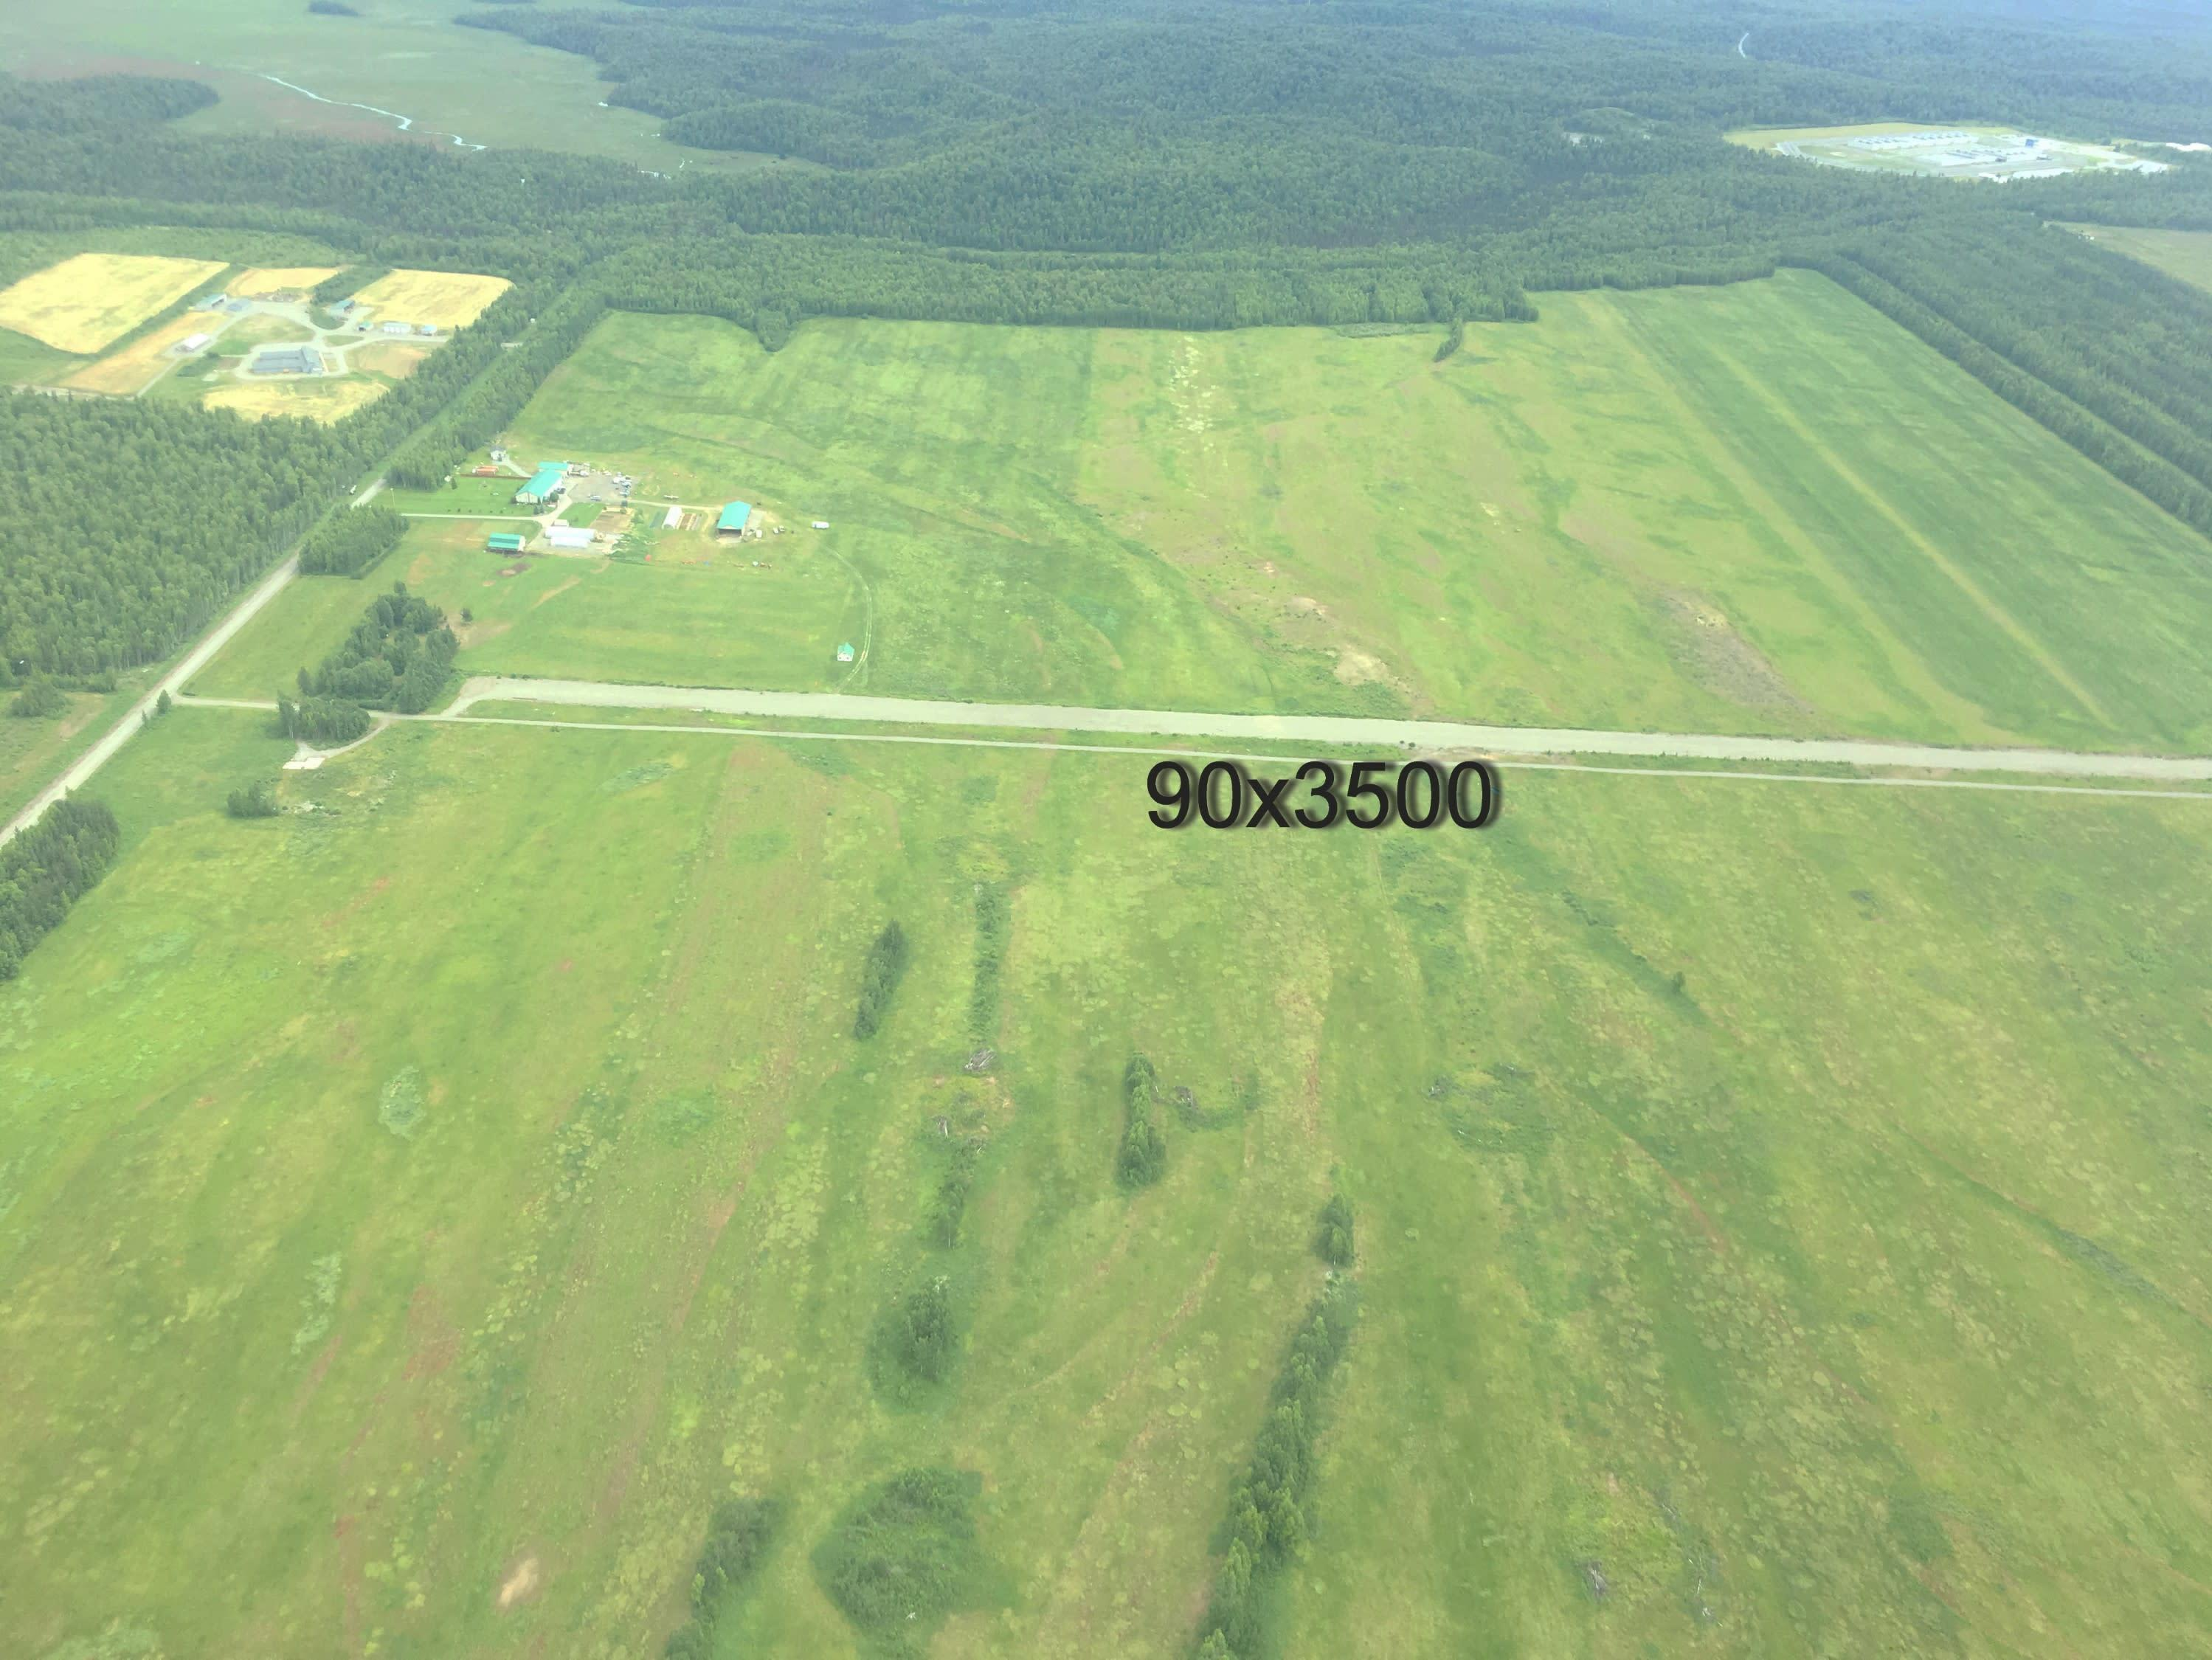 400,000 runway